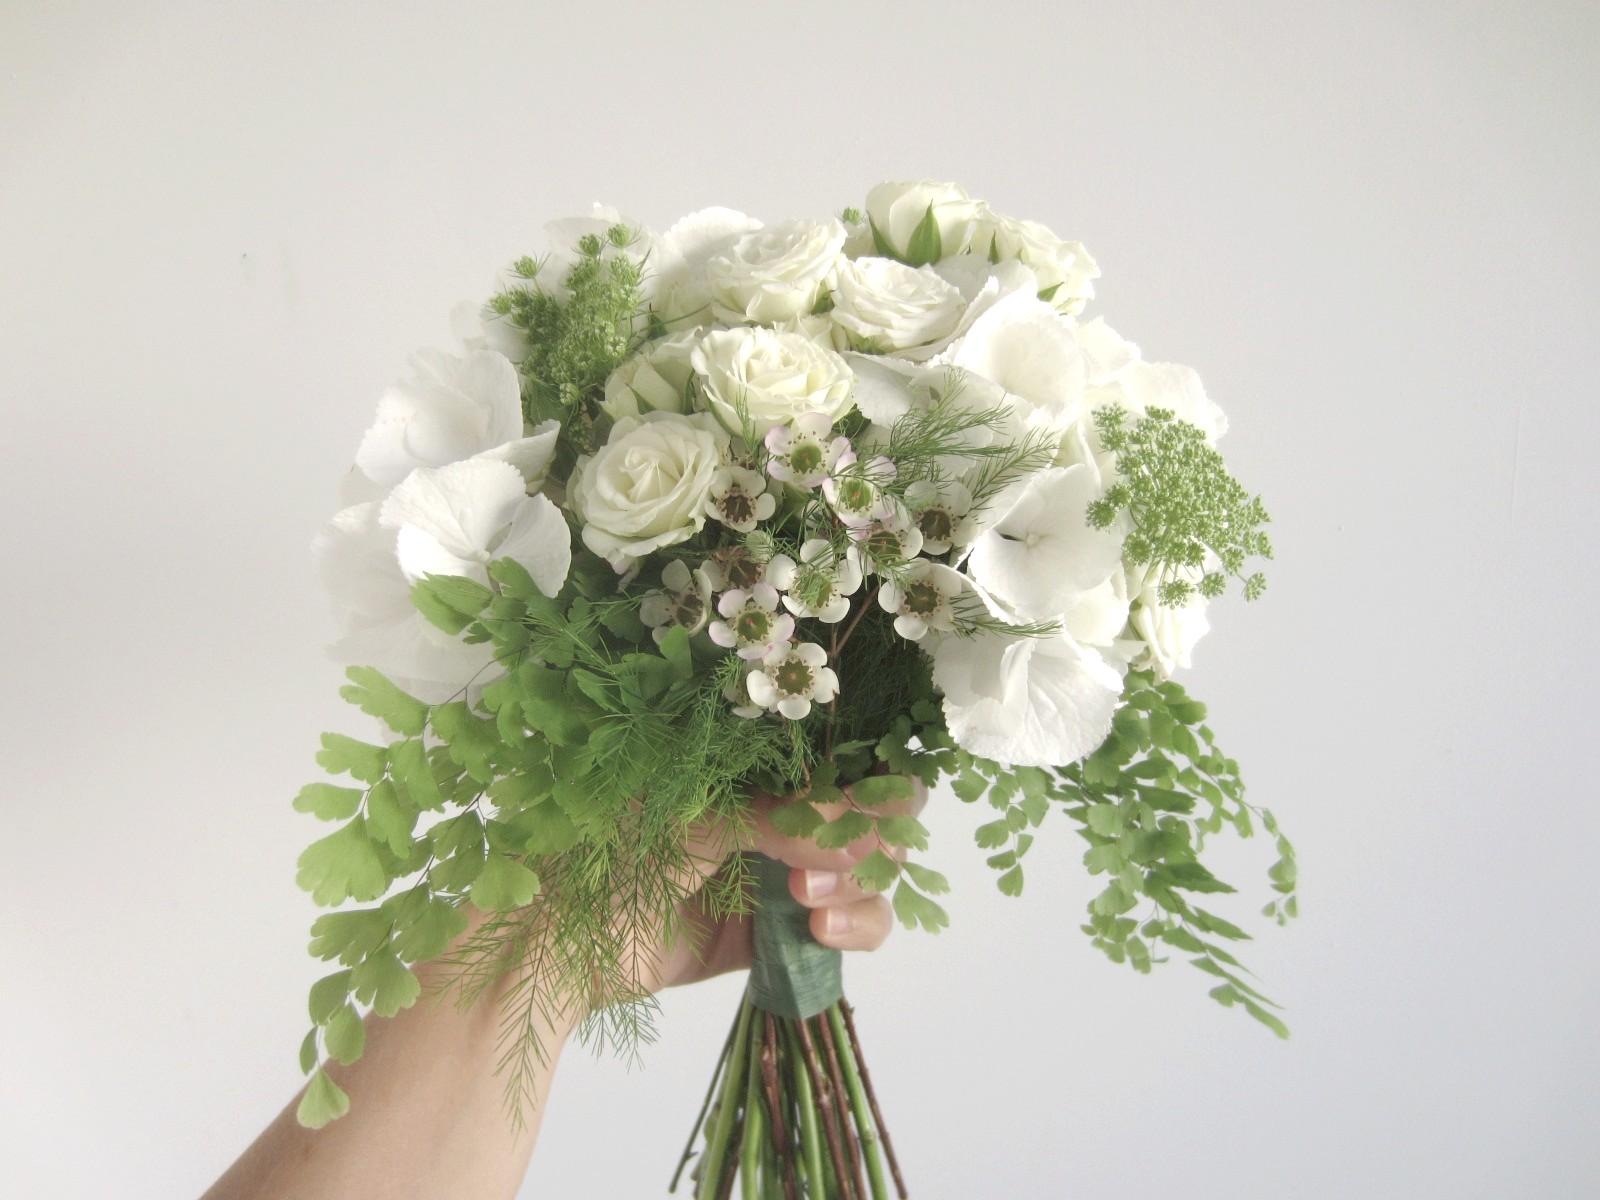 la petite boutique de fleurs fleuriste mariage lyon fleuriste mariage rh ne les bouquets de. Black Bedroom Furniture Sets. Home Design Ideas